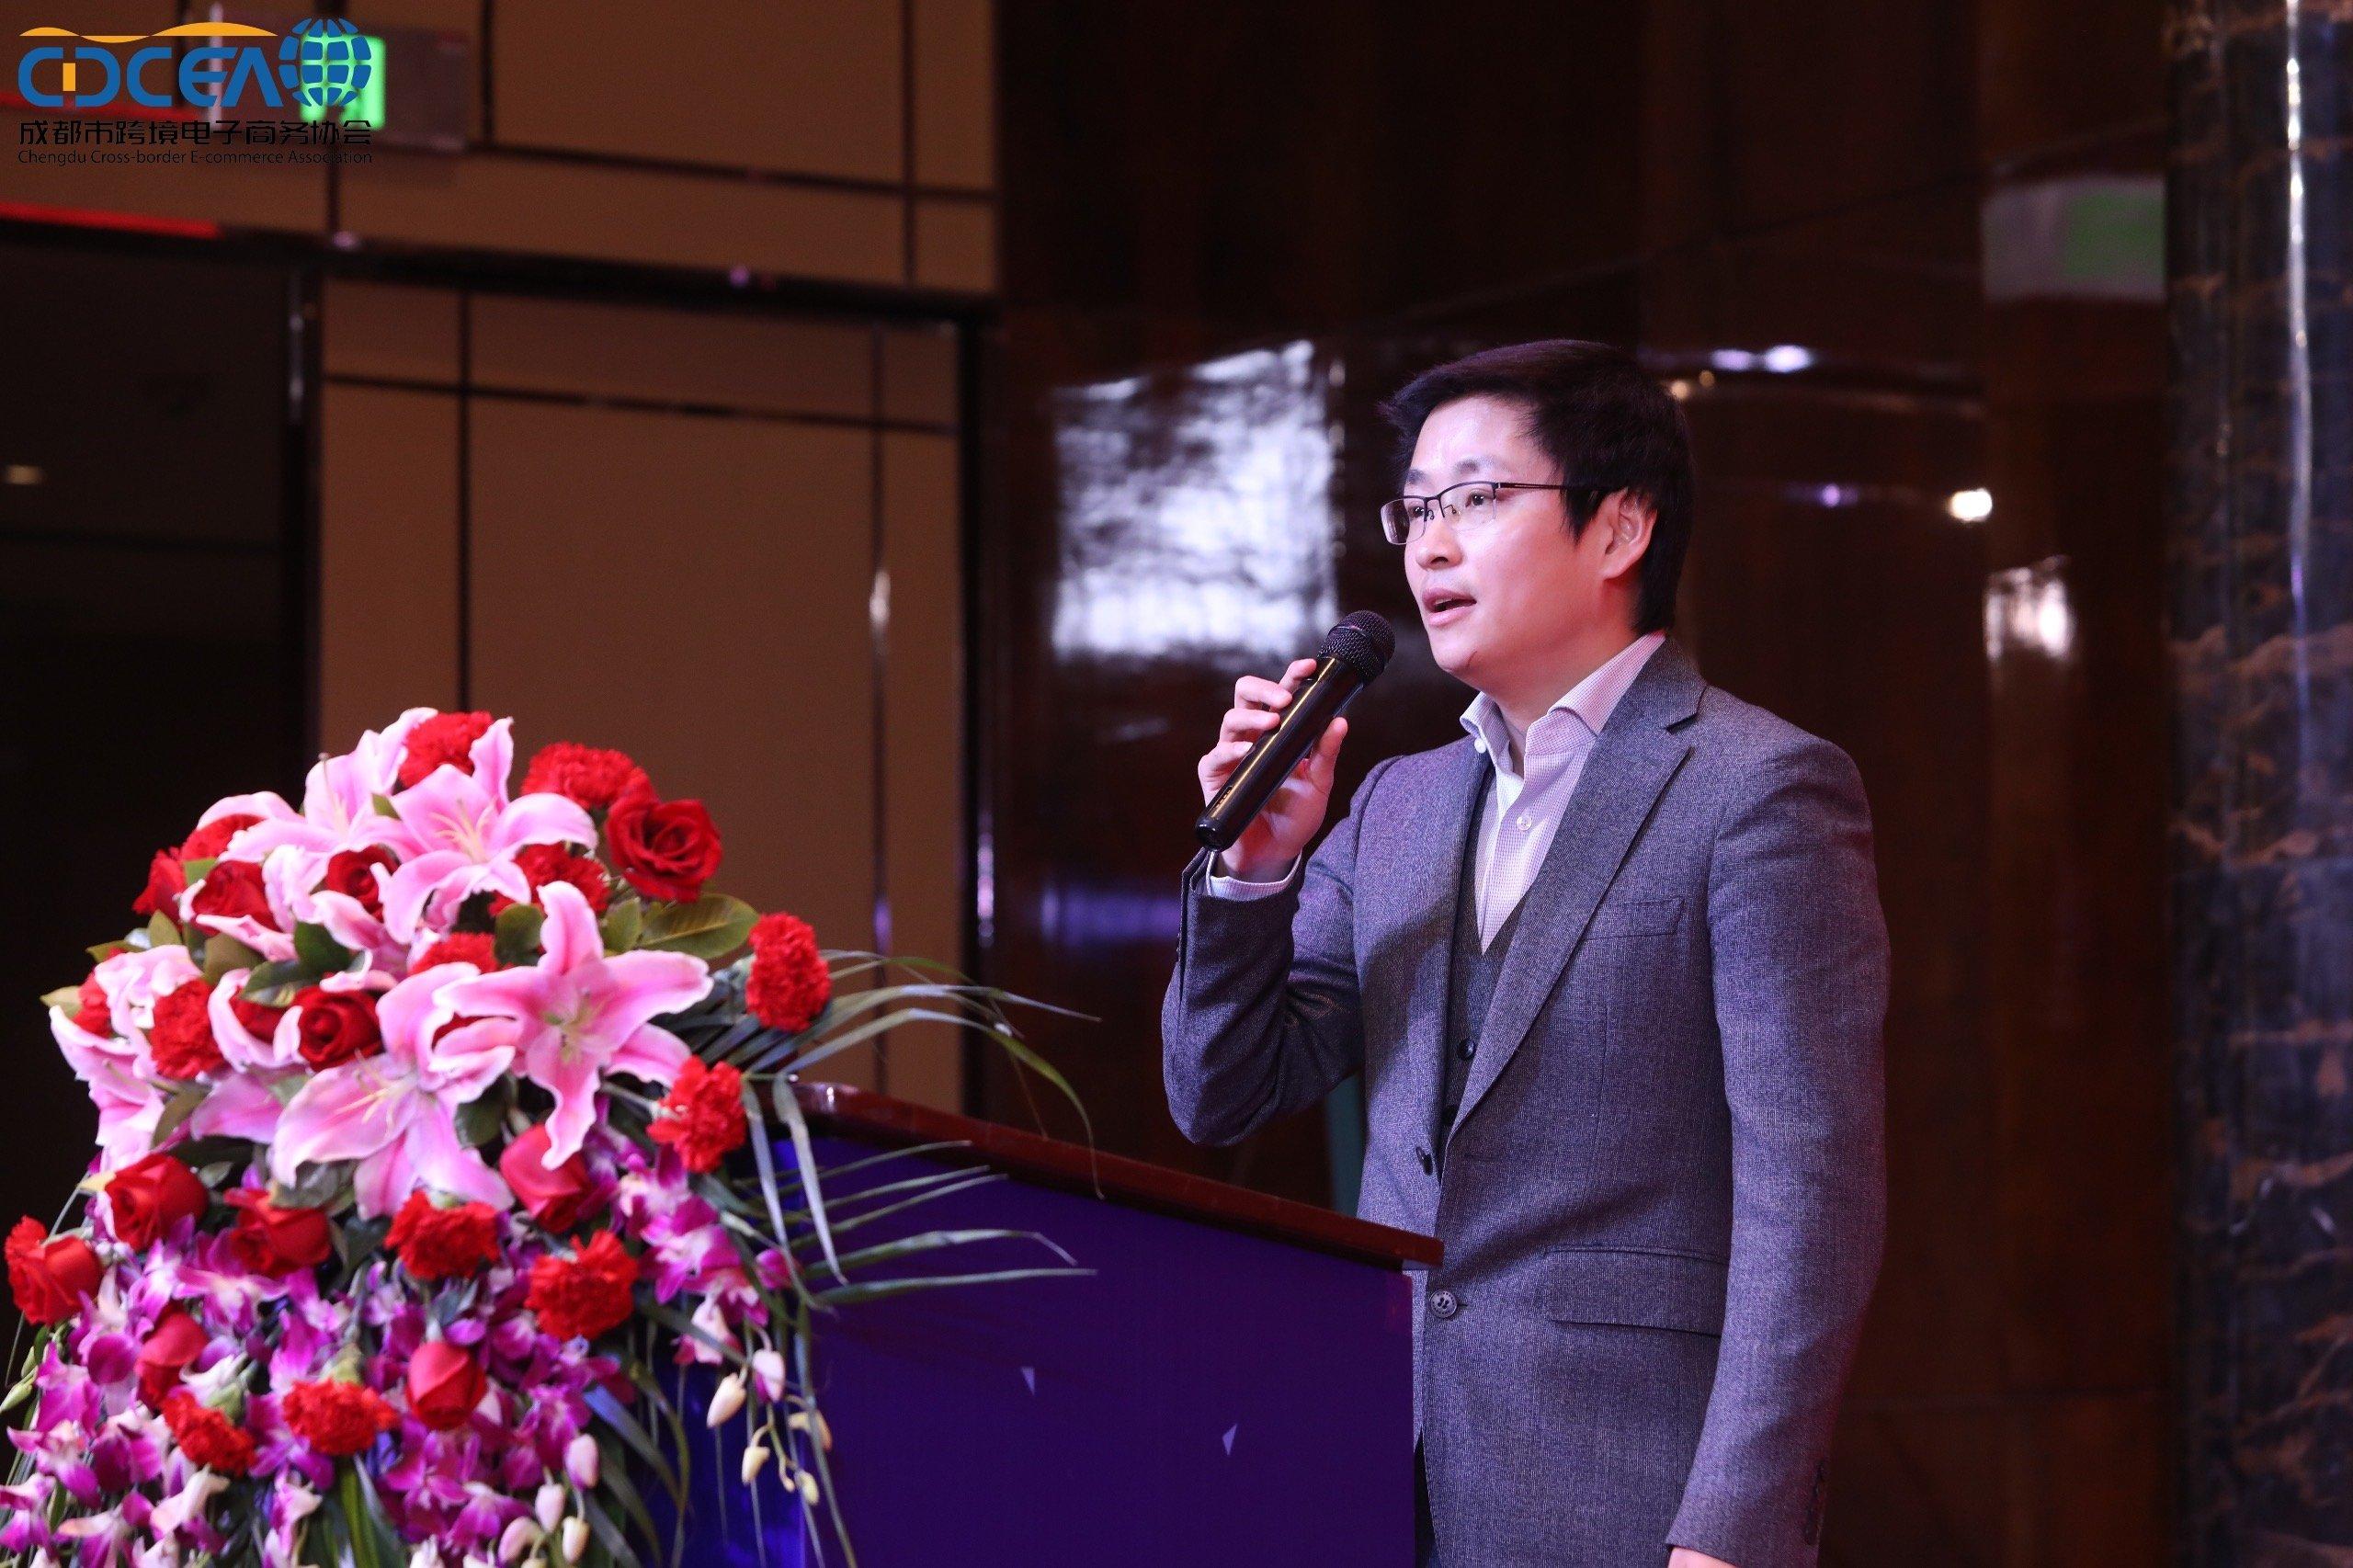 宝妈环球购CEO刘坚致辞